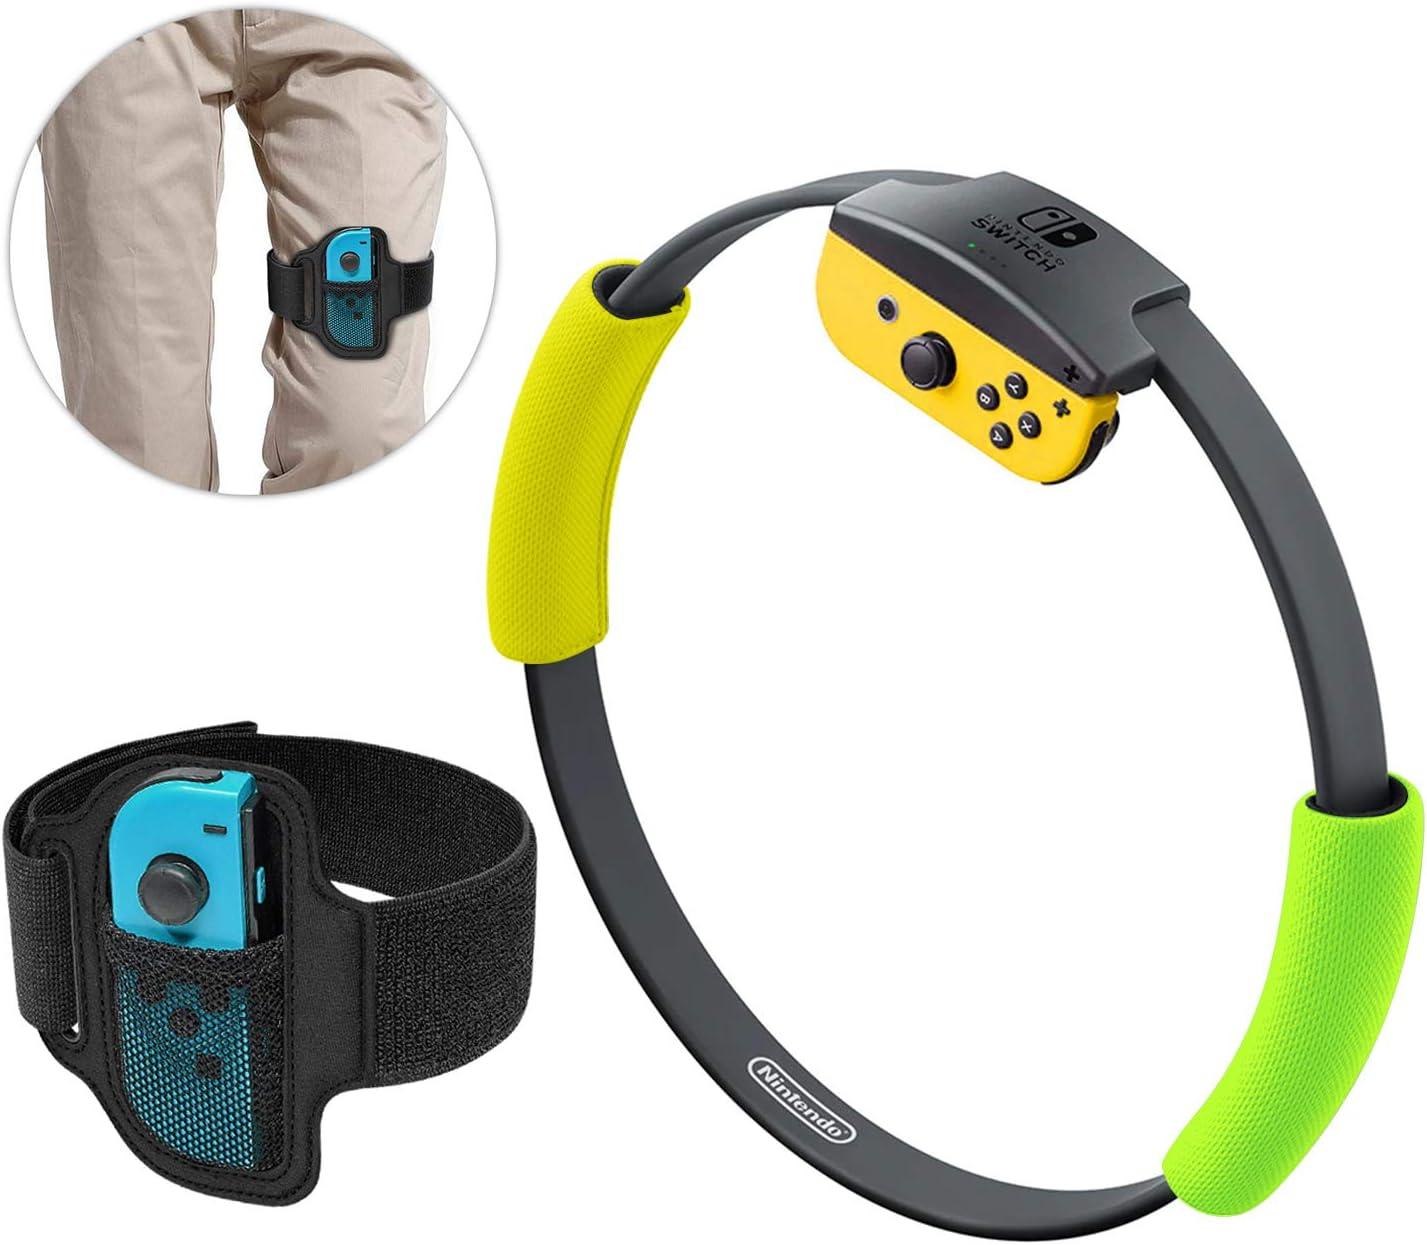 Ring-Con Grips y correa de fijación de pierna para Nintendo Switch Game, agarres antideslizantes y juego de correa de pierna elástica ajustable para anillo Fit Adventure Game Ring-Con excluido, color amarillo y